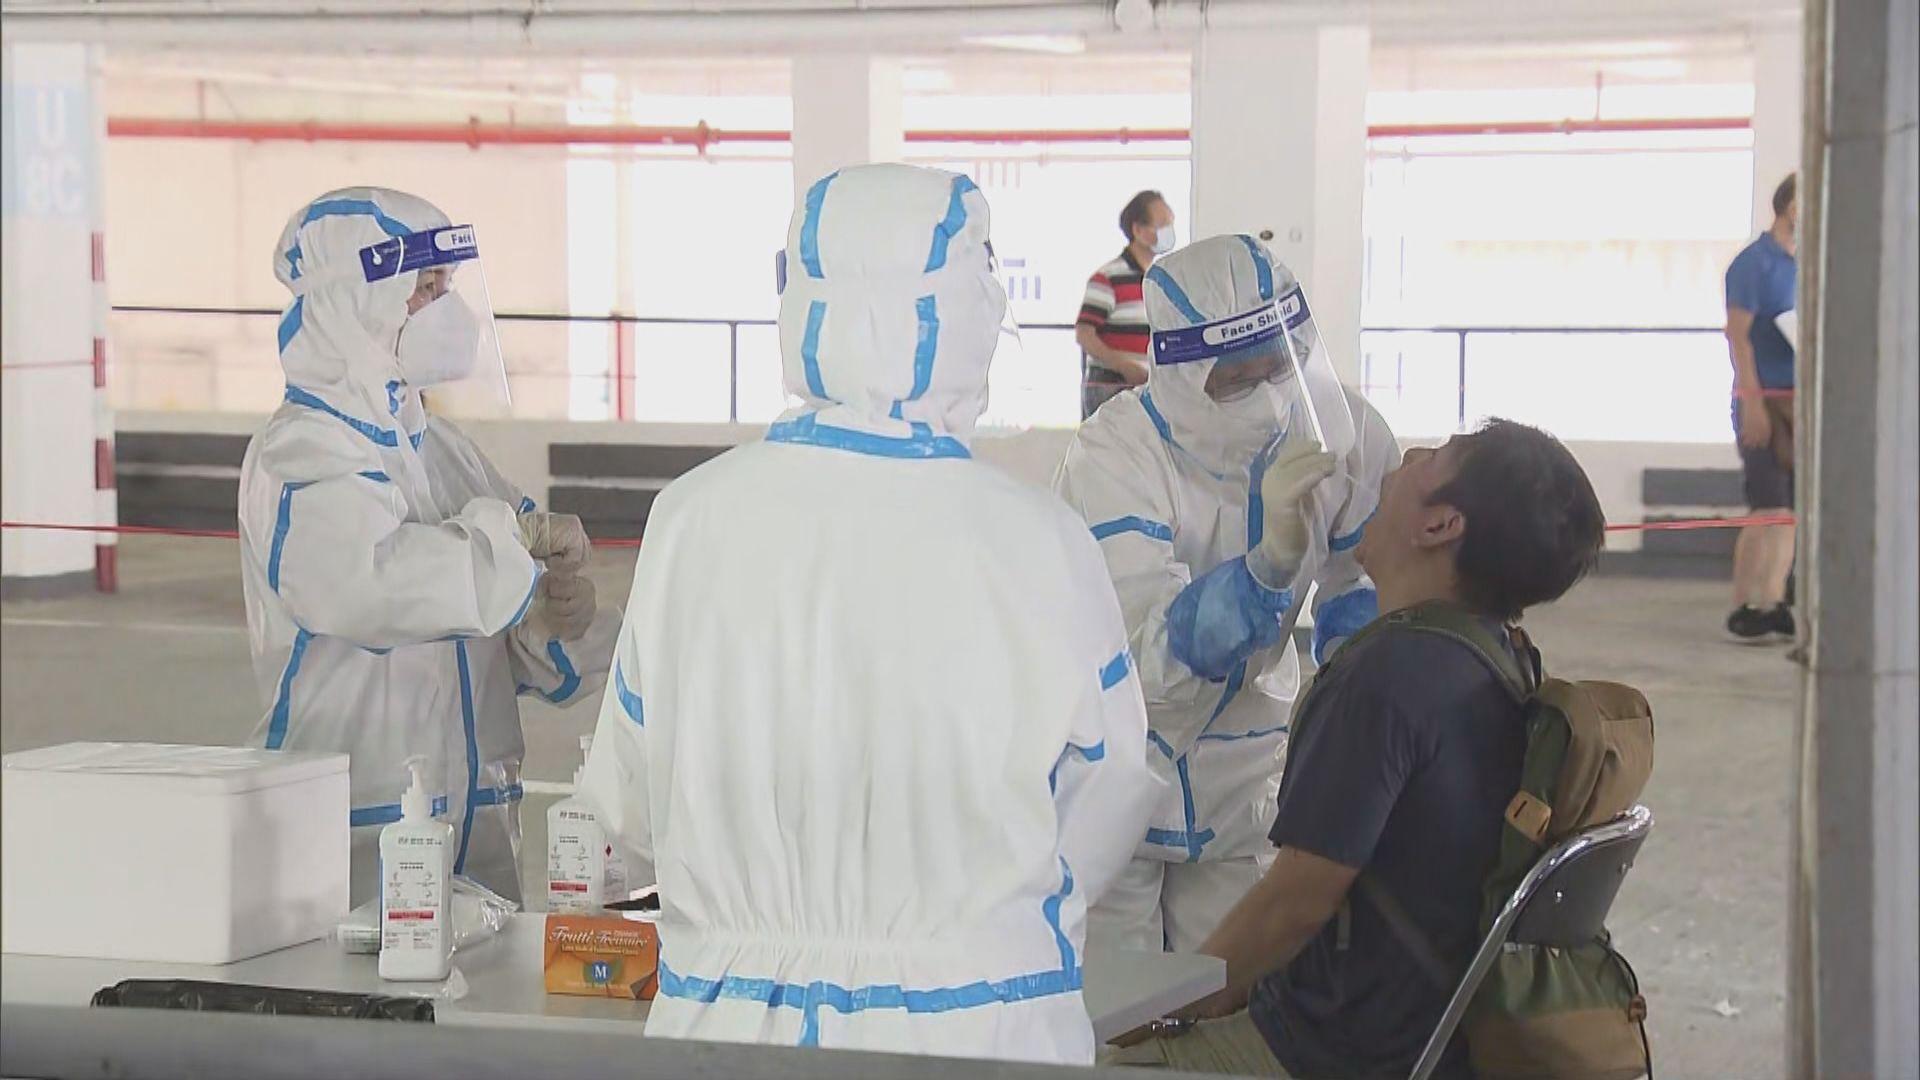 政府將公布全民檢測細節 西醫工會:採樣人手未必足夠